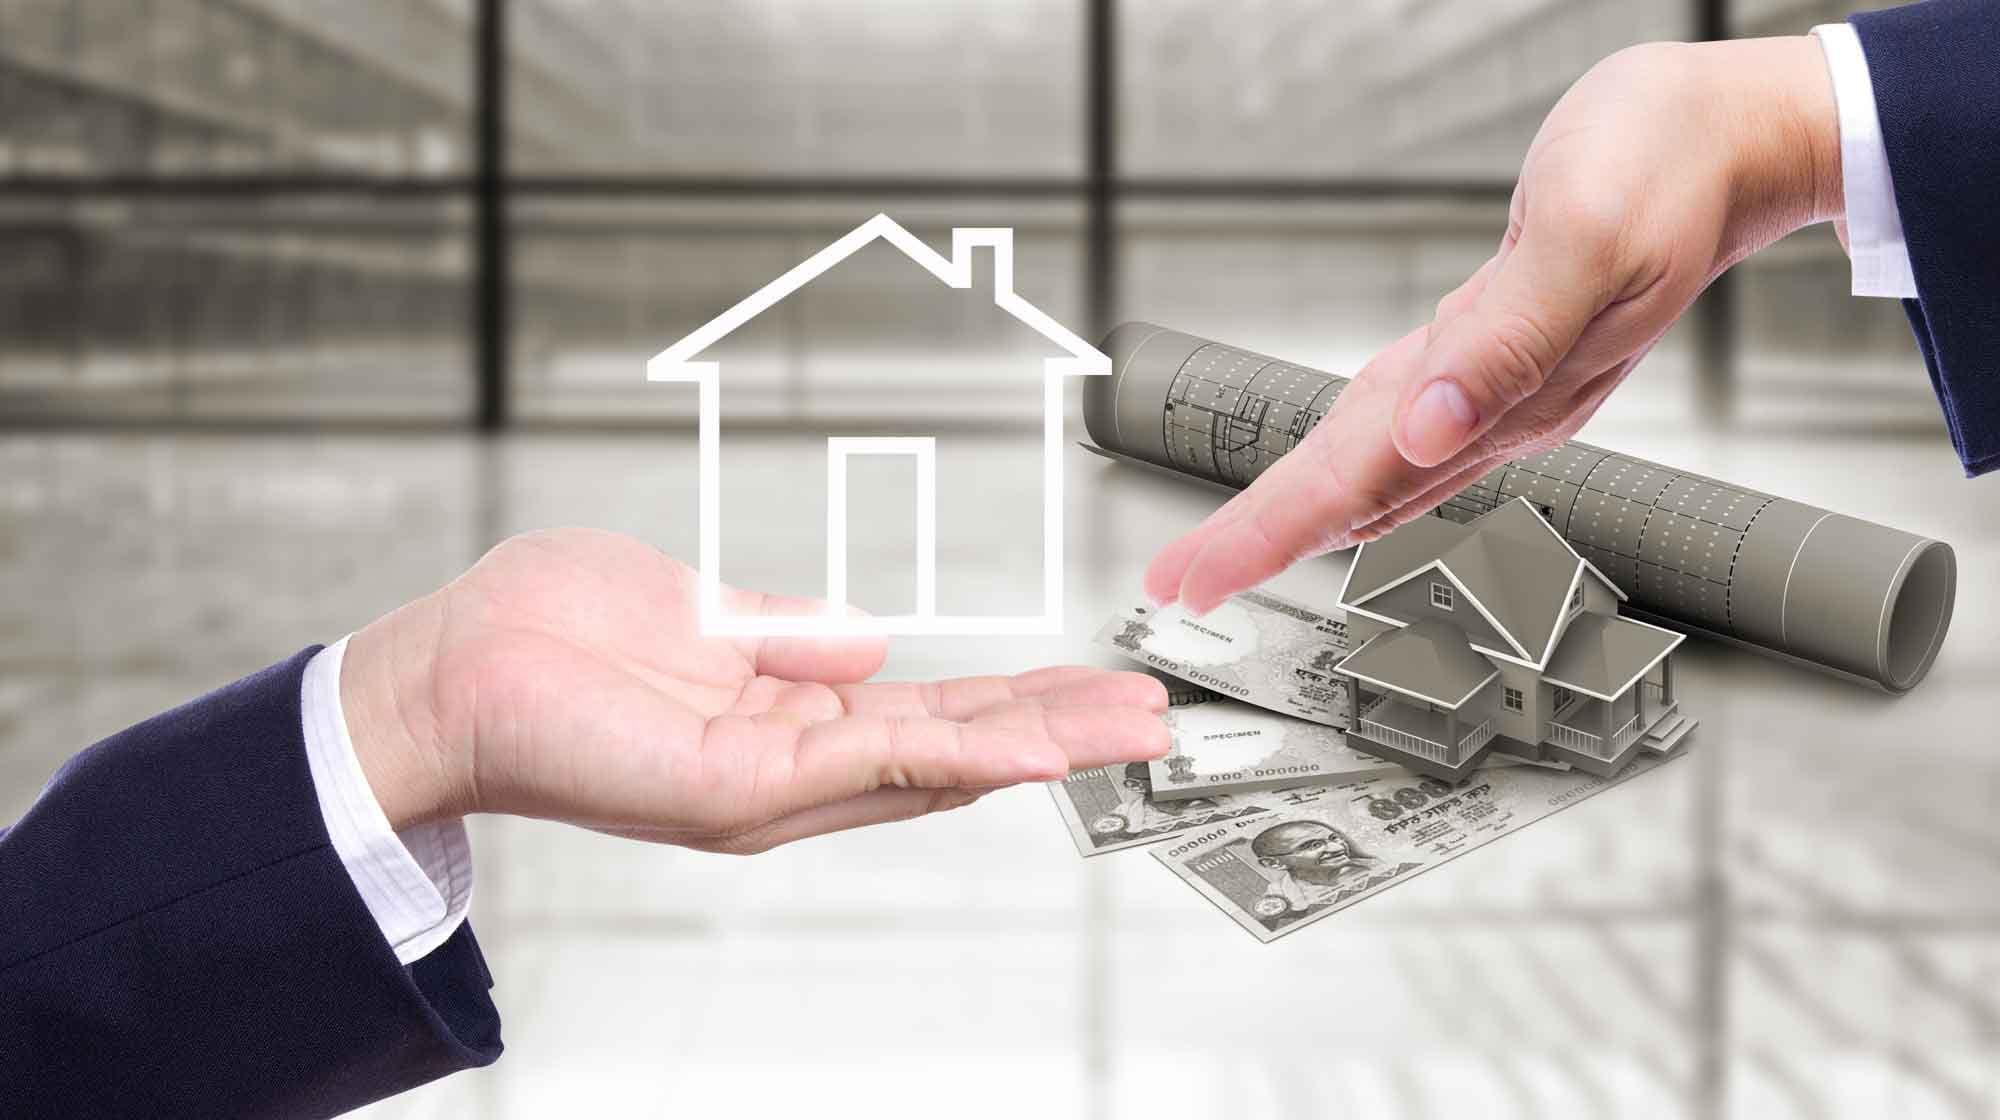 Ипотека для ИП: 5 советов, как не получить отказ 0